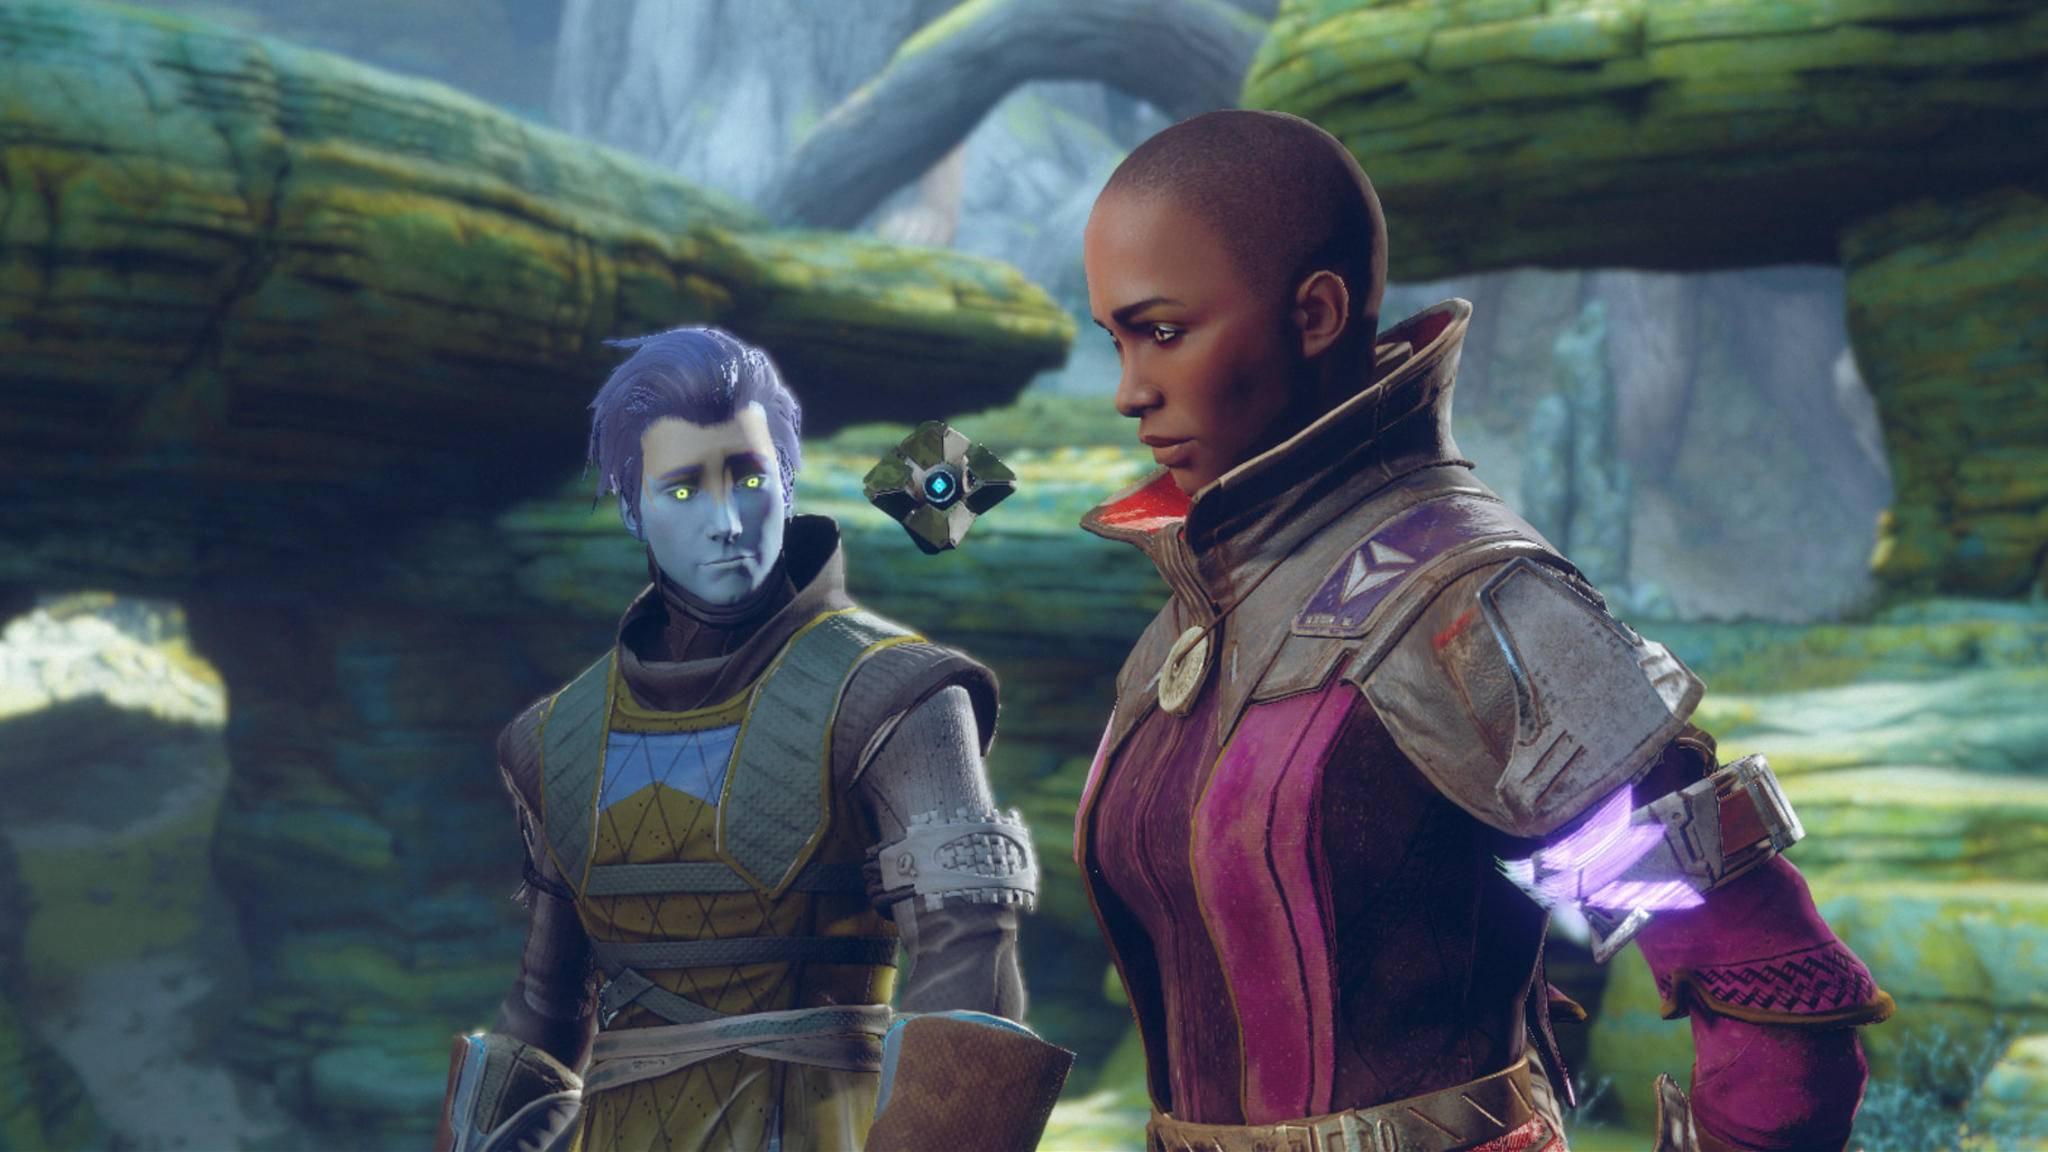 Erfahrungspunkte in Destiny 2 werden angepasst